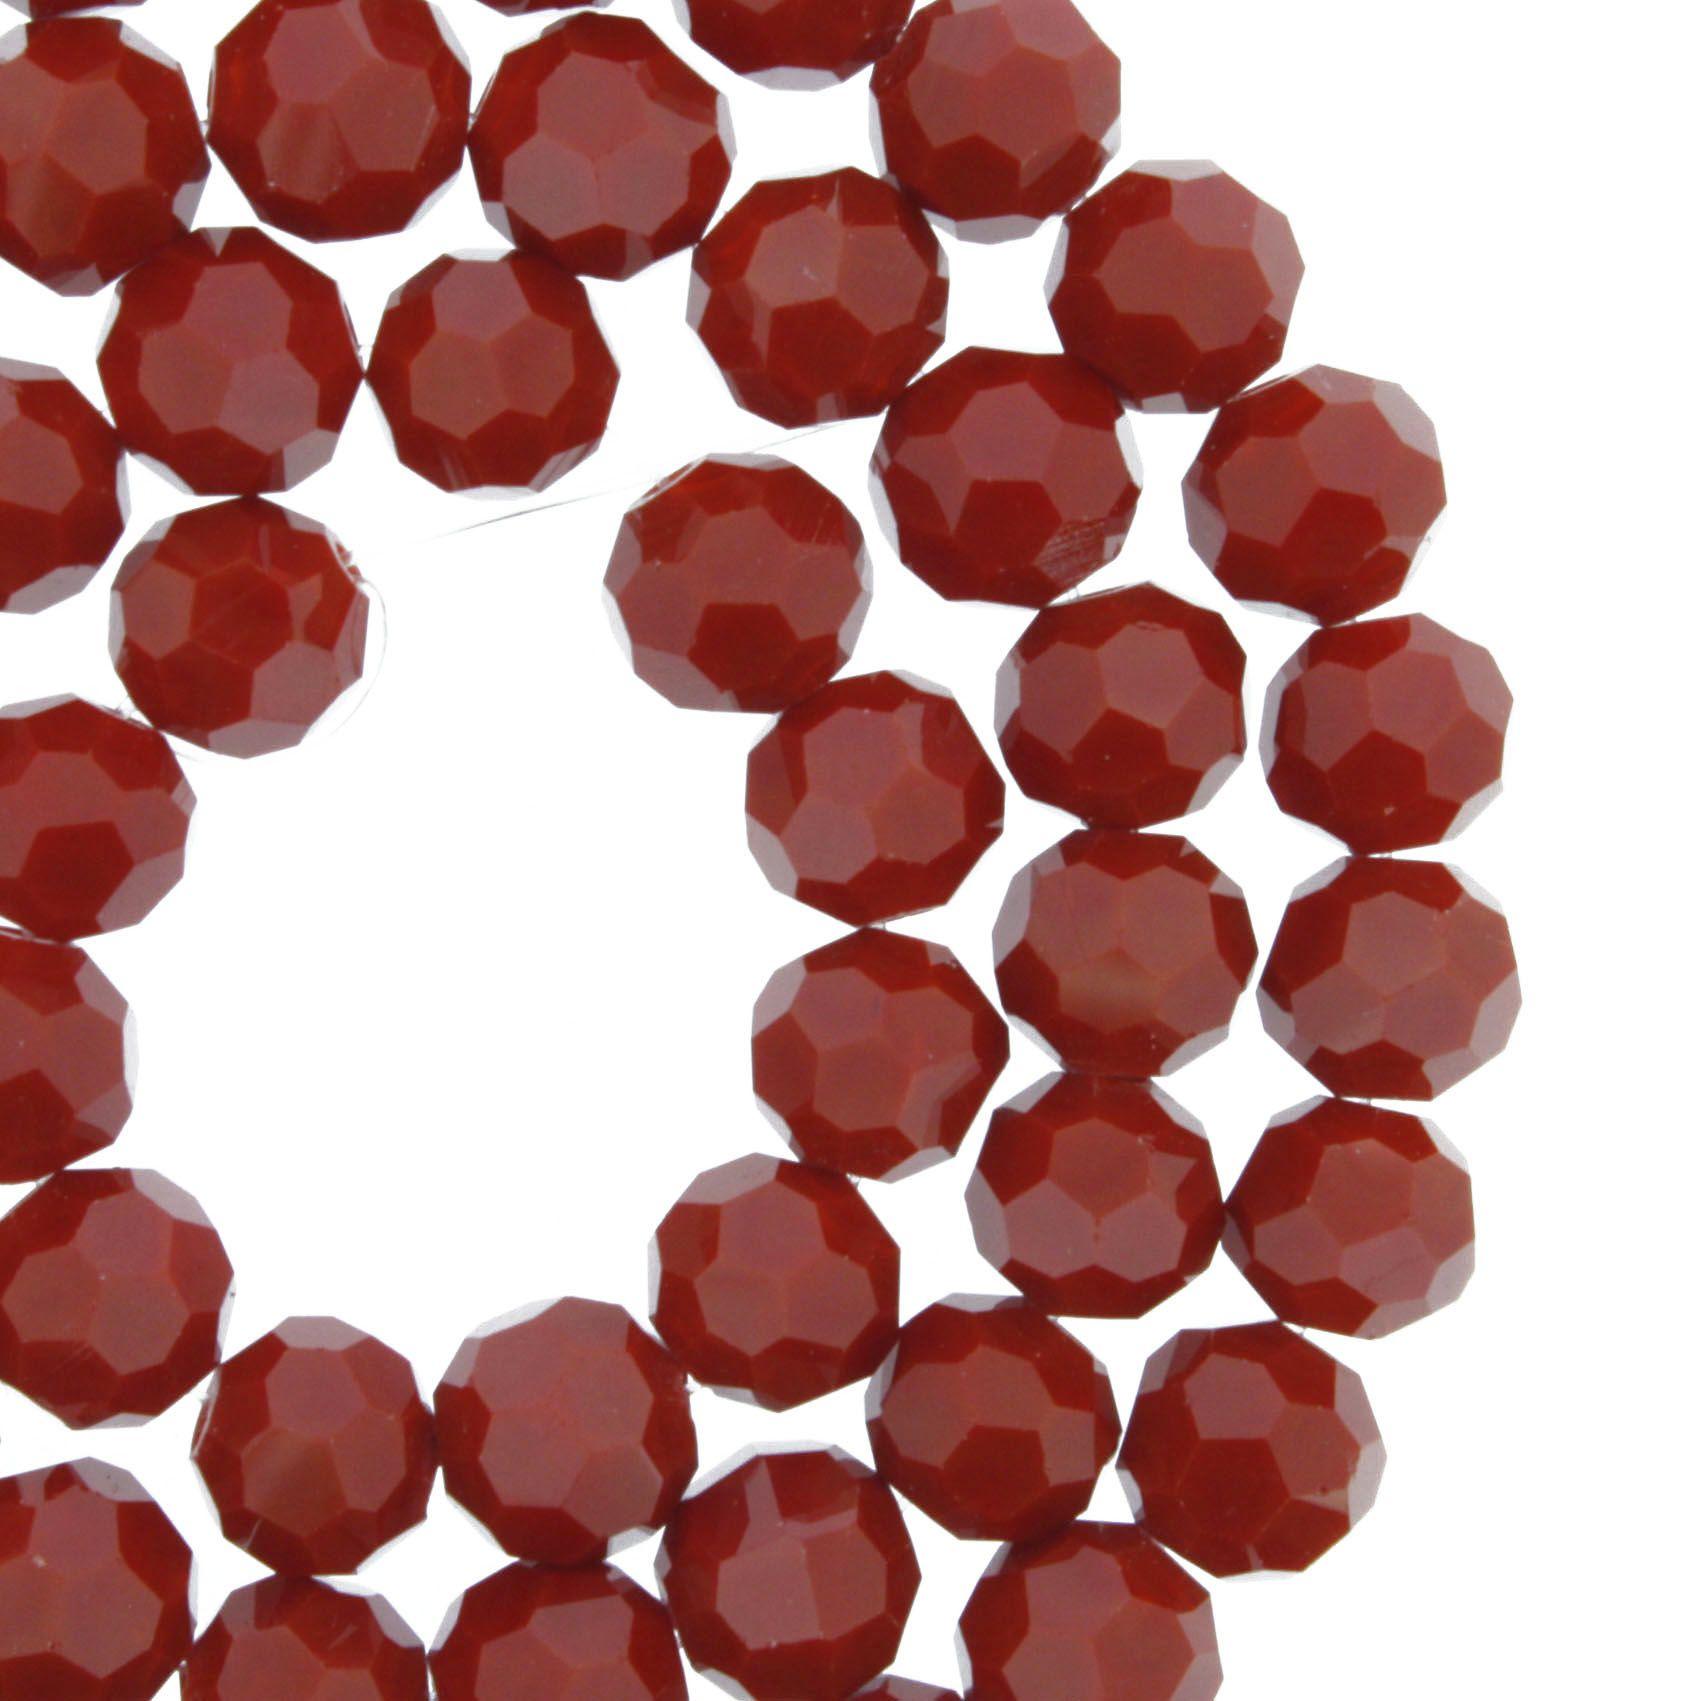 Fio de Cristal - Bello® - Vermelho - 8mm  - Universo Religioso® - Artigos de Umbanda e Candomblé